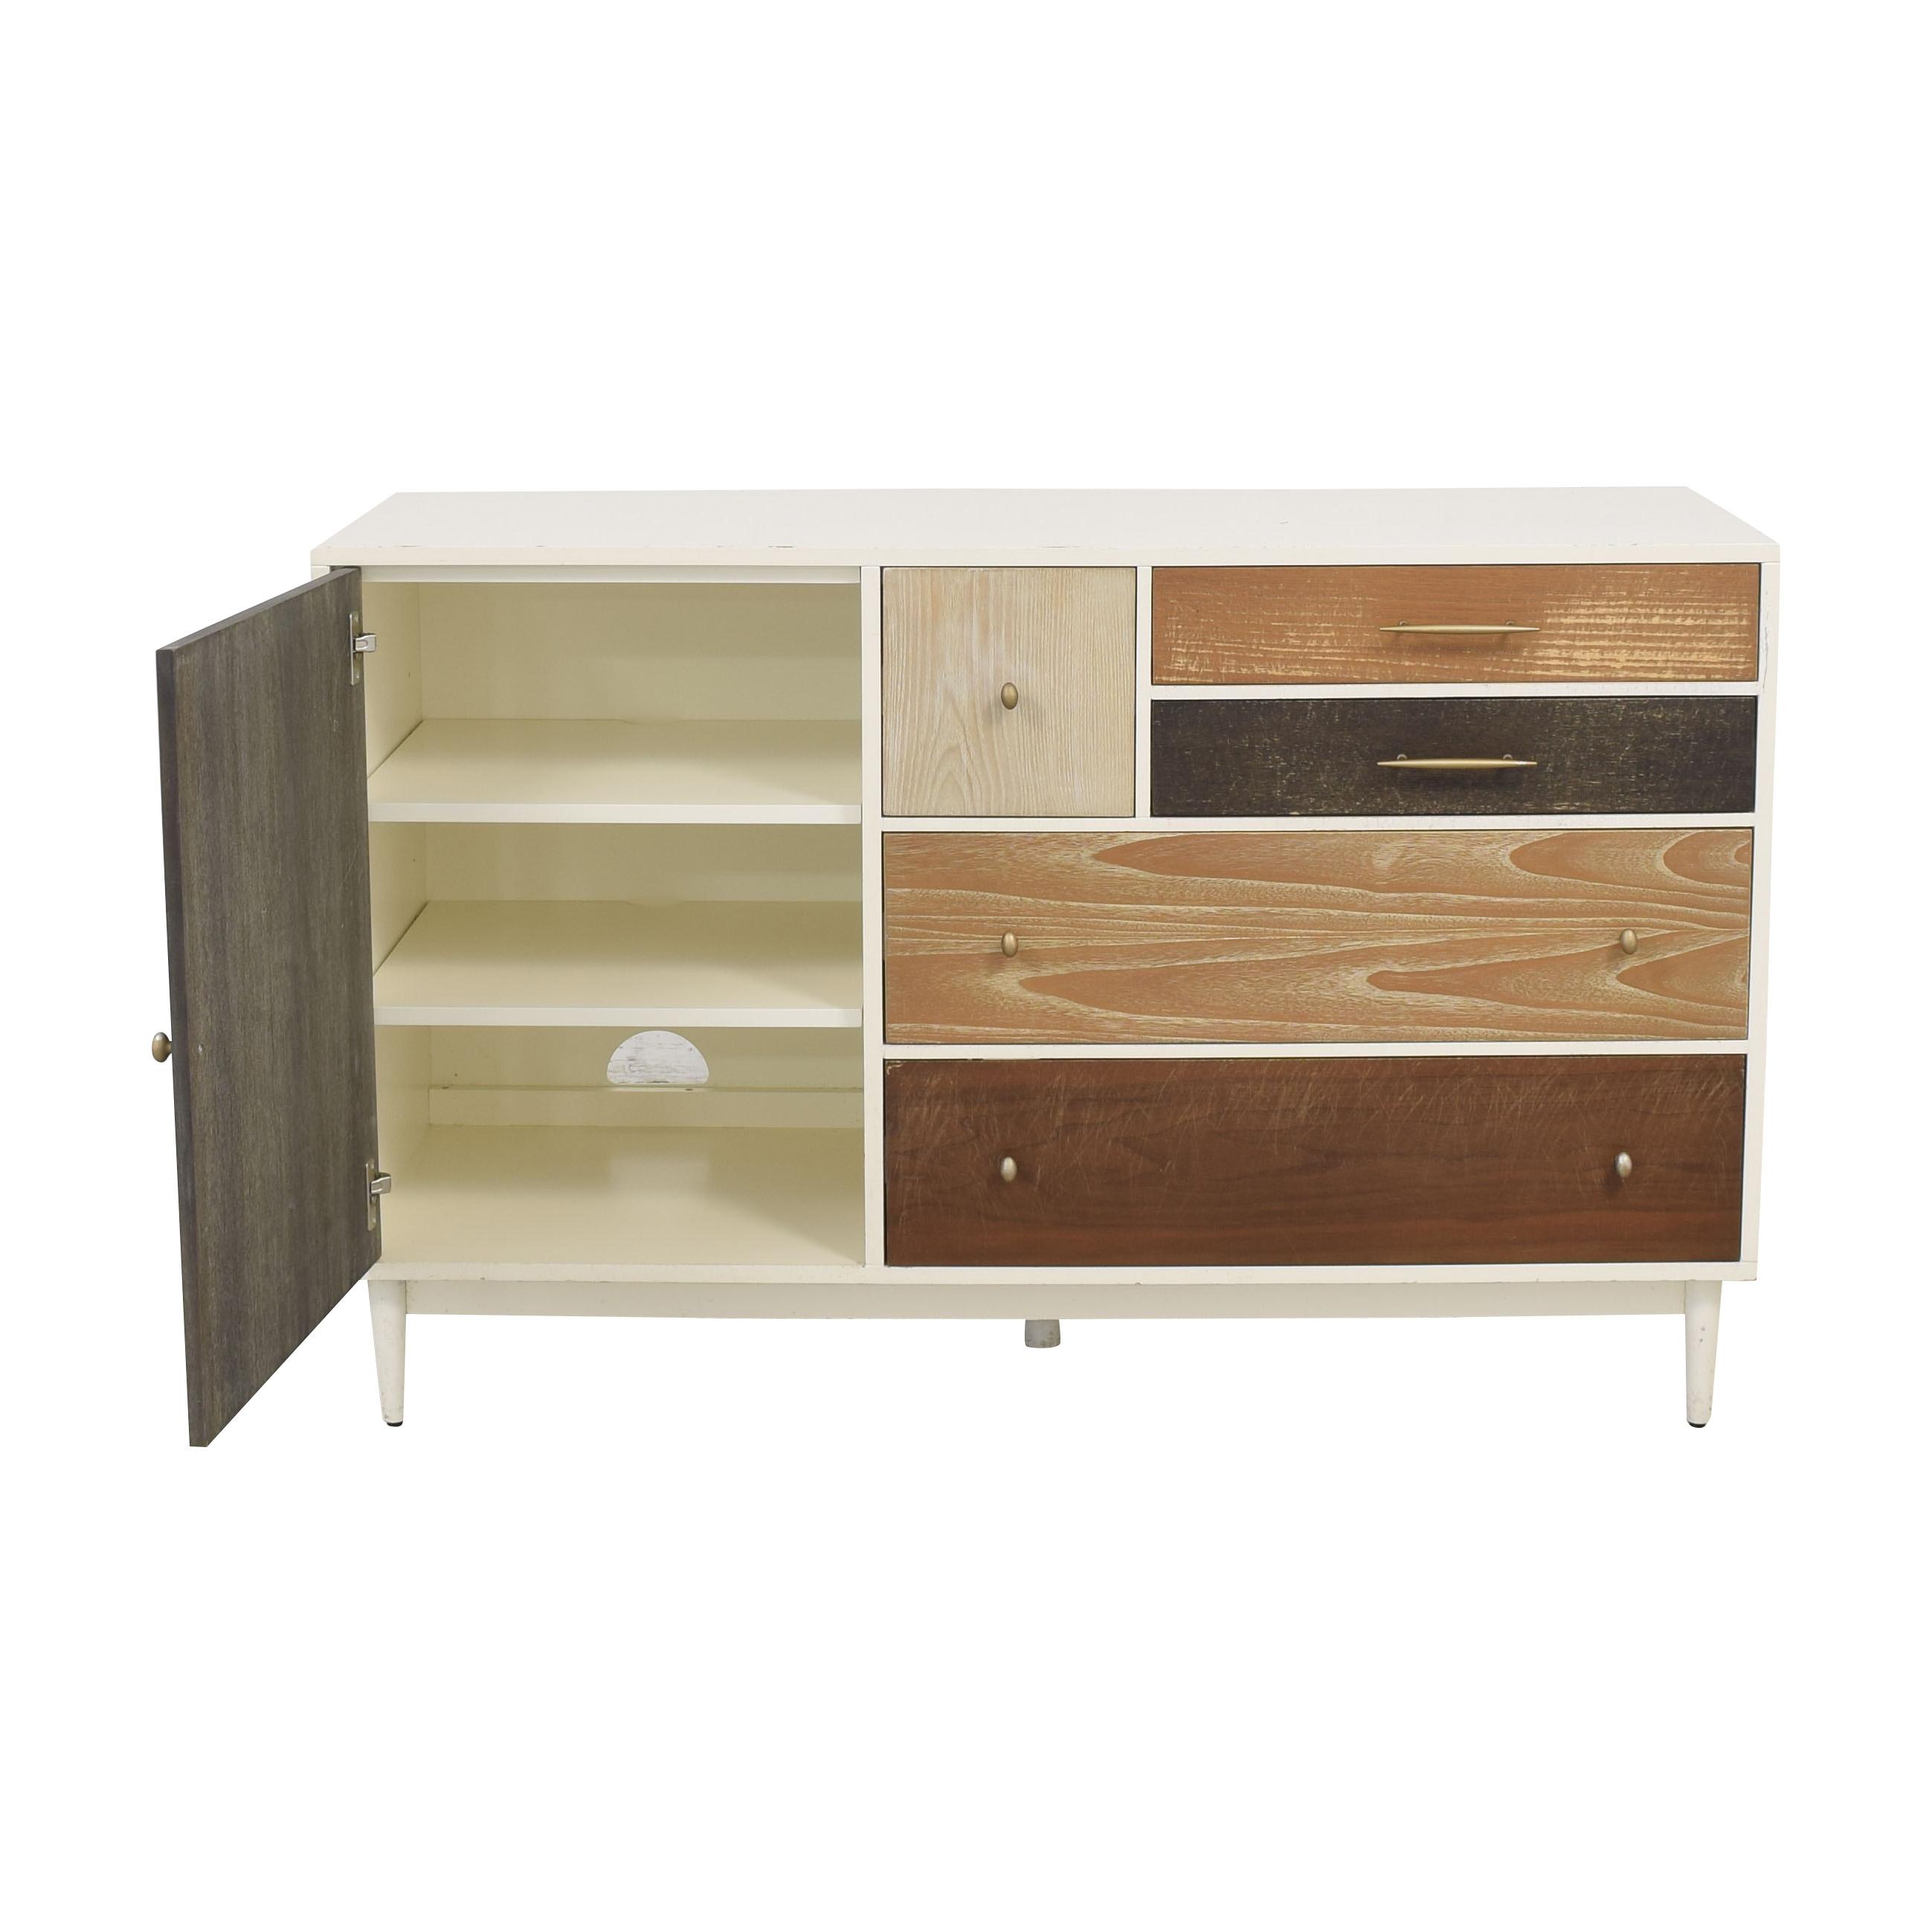 shop West Elm Patchwork Dresser West Elm Dressers